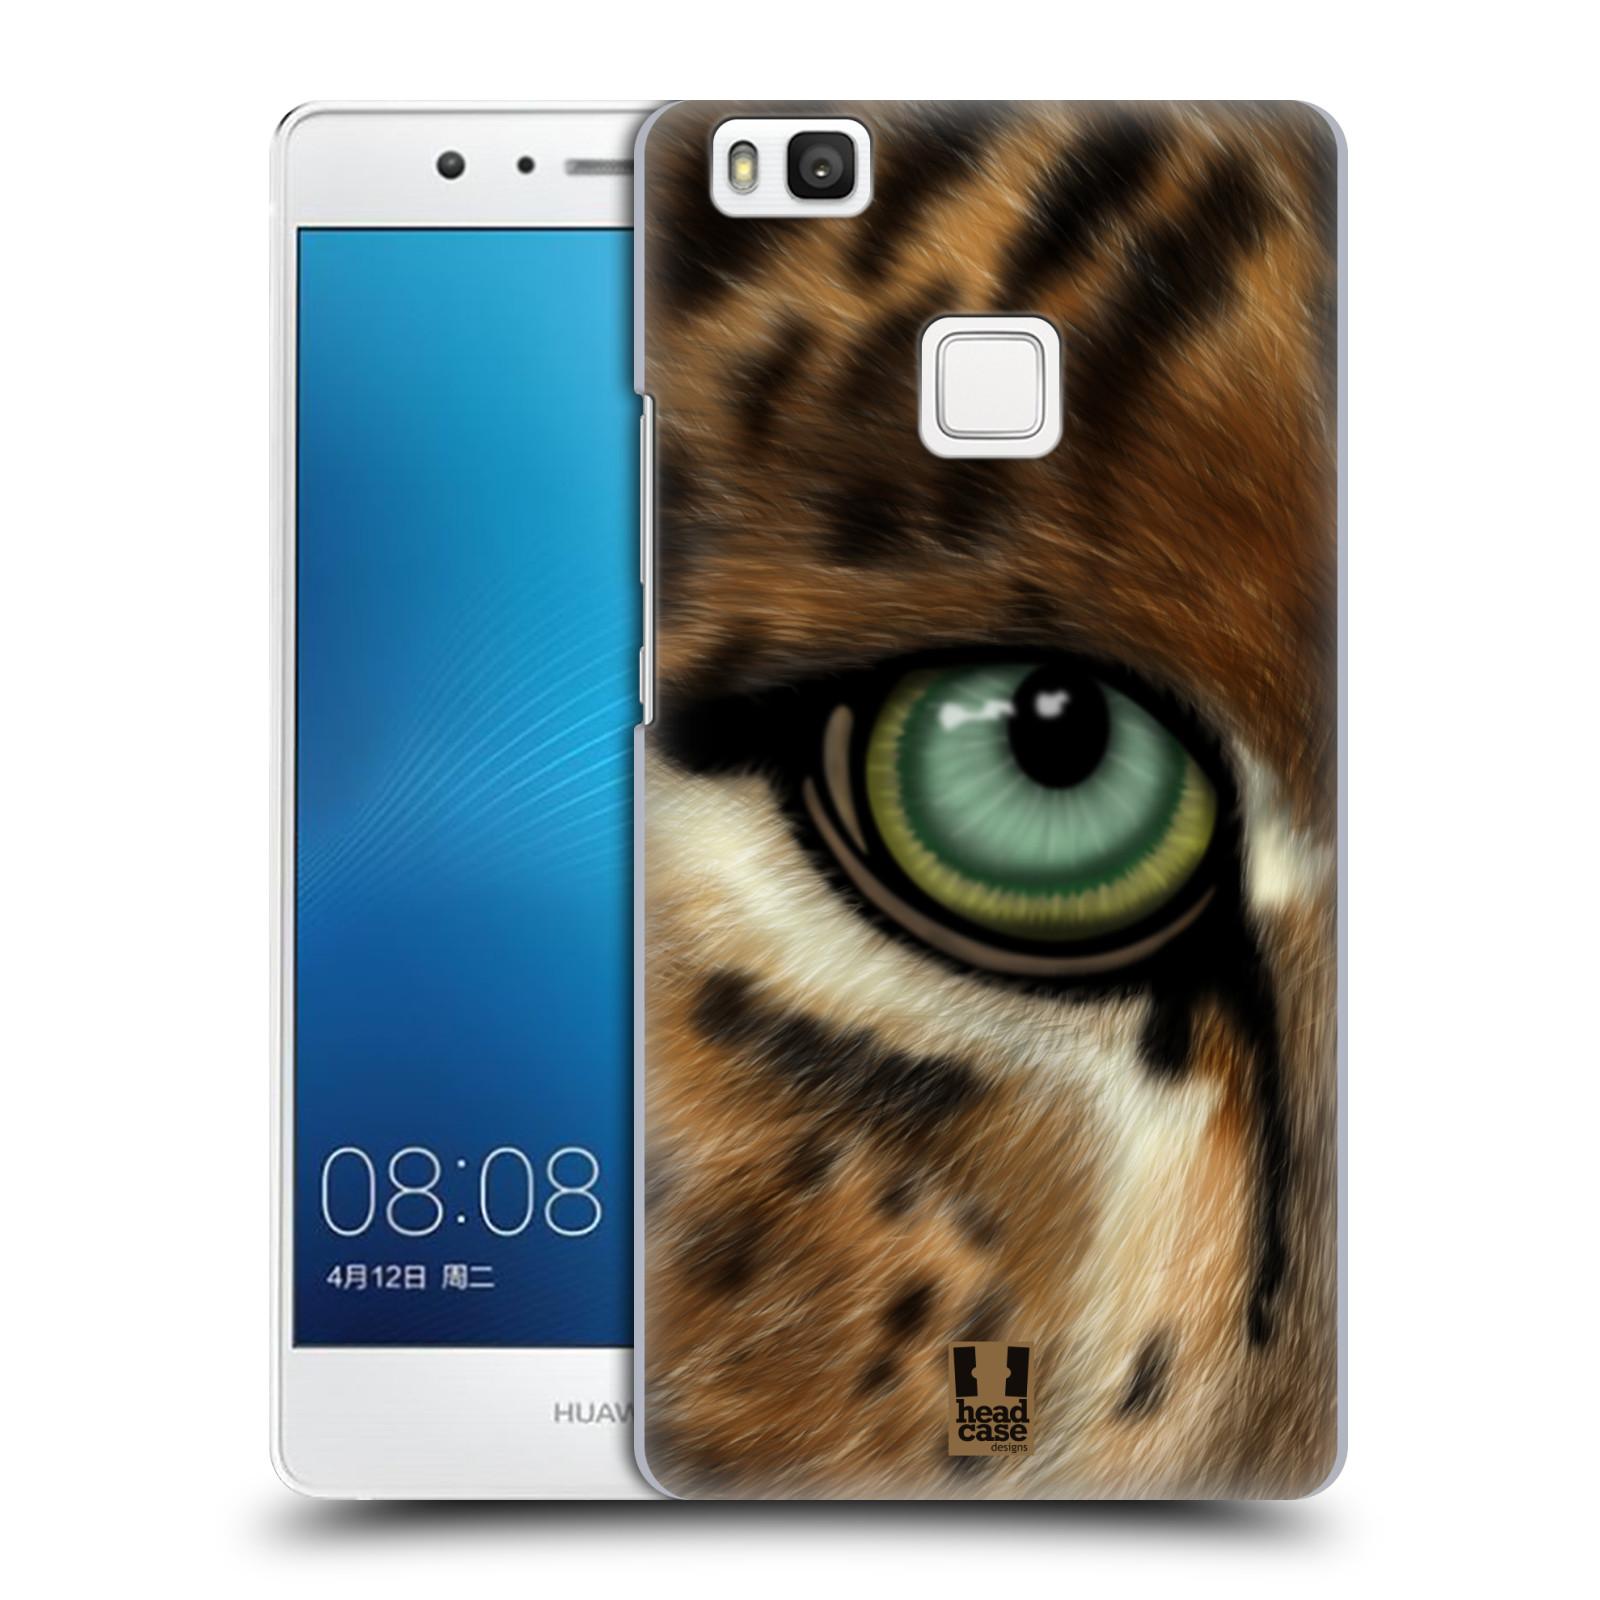 HEAD CASE plastový obal na mobil Huawei P9 LITE / P9 LITE DUAL SIM vzor pohled zvířete oko leopard